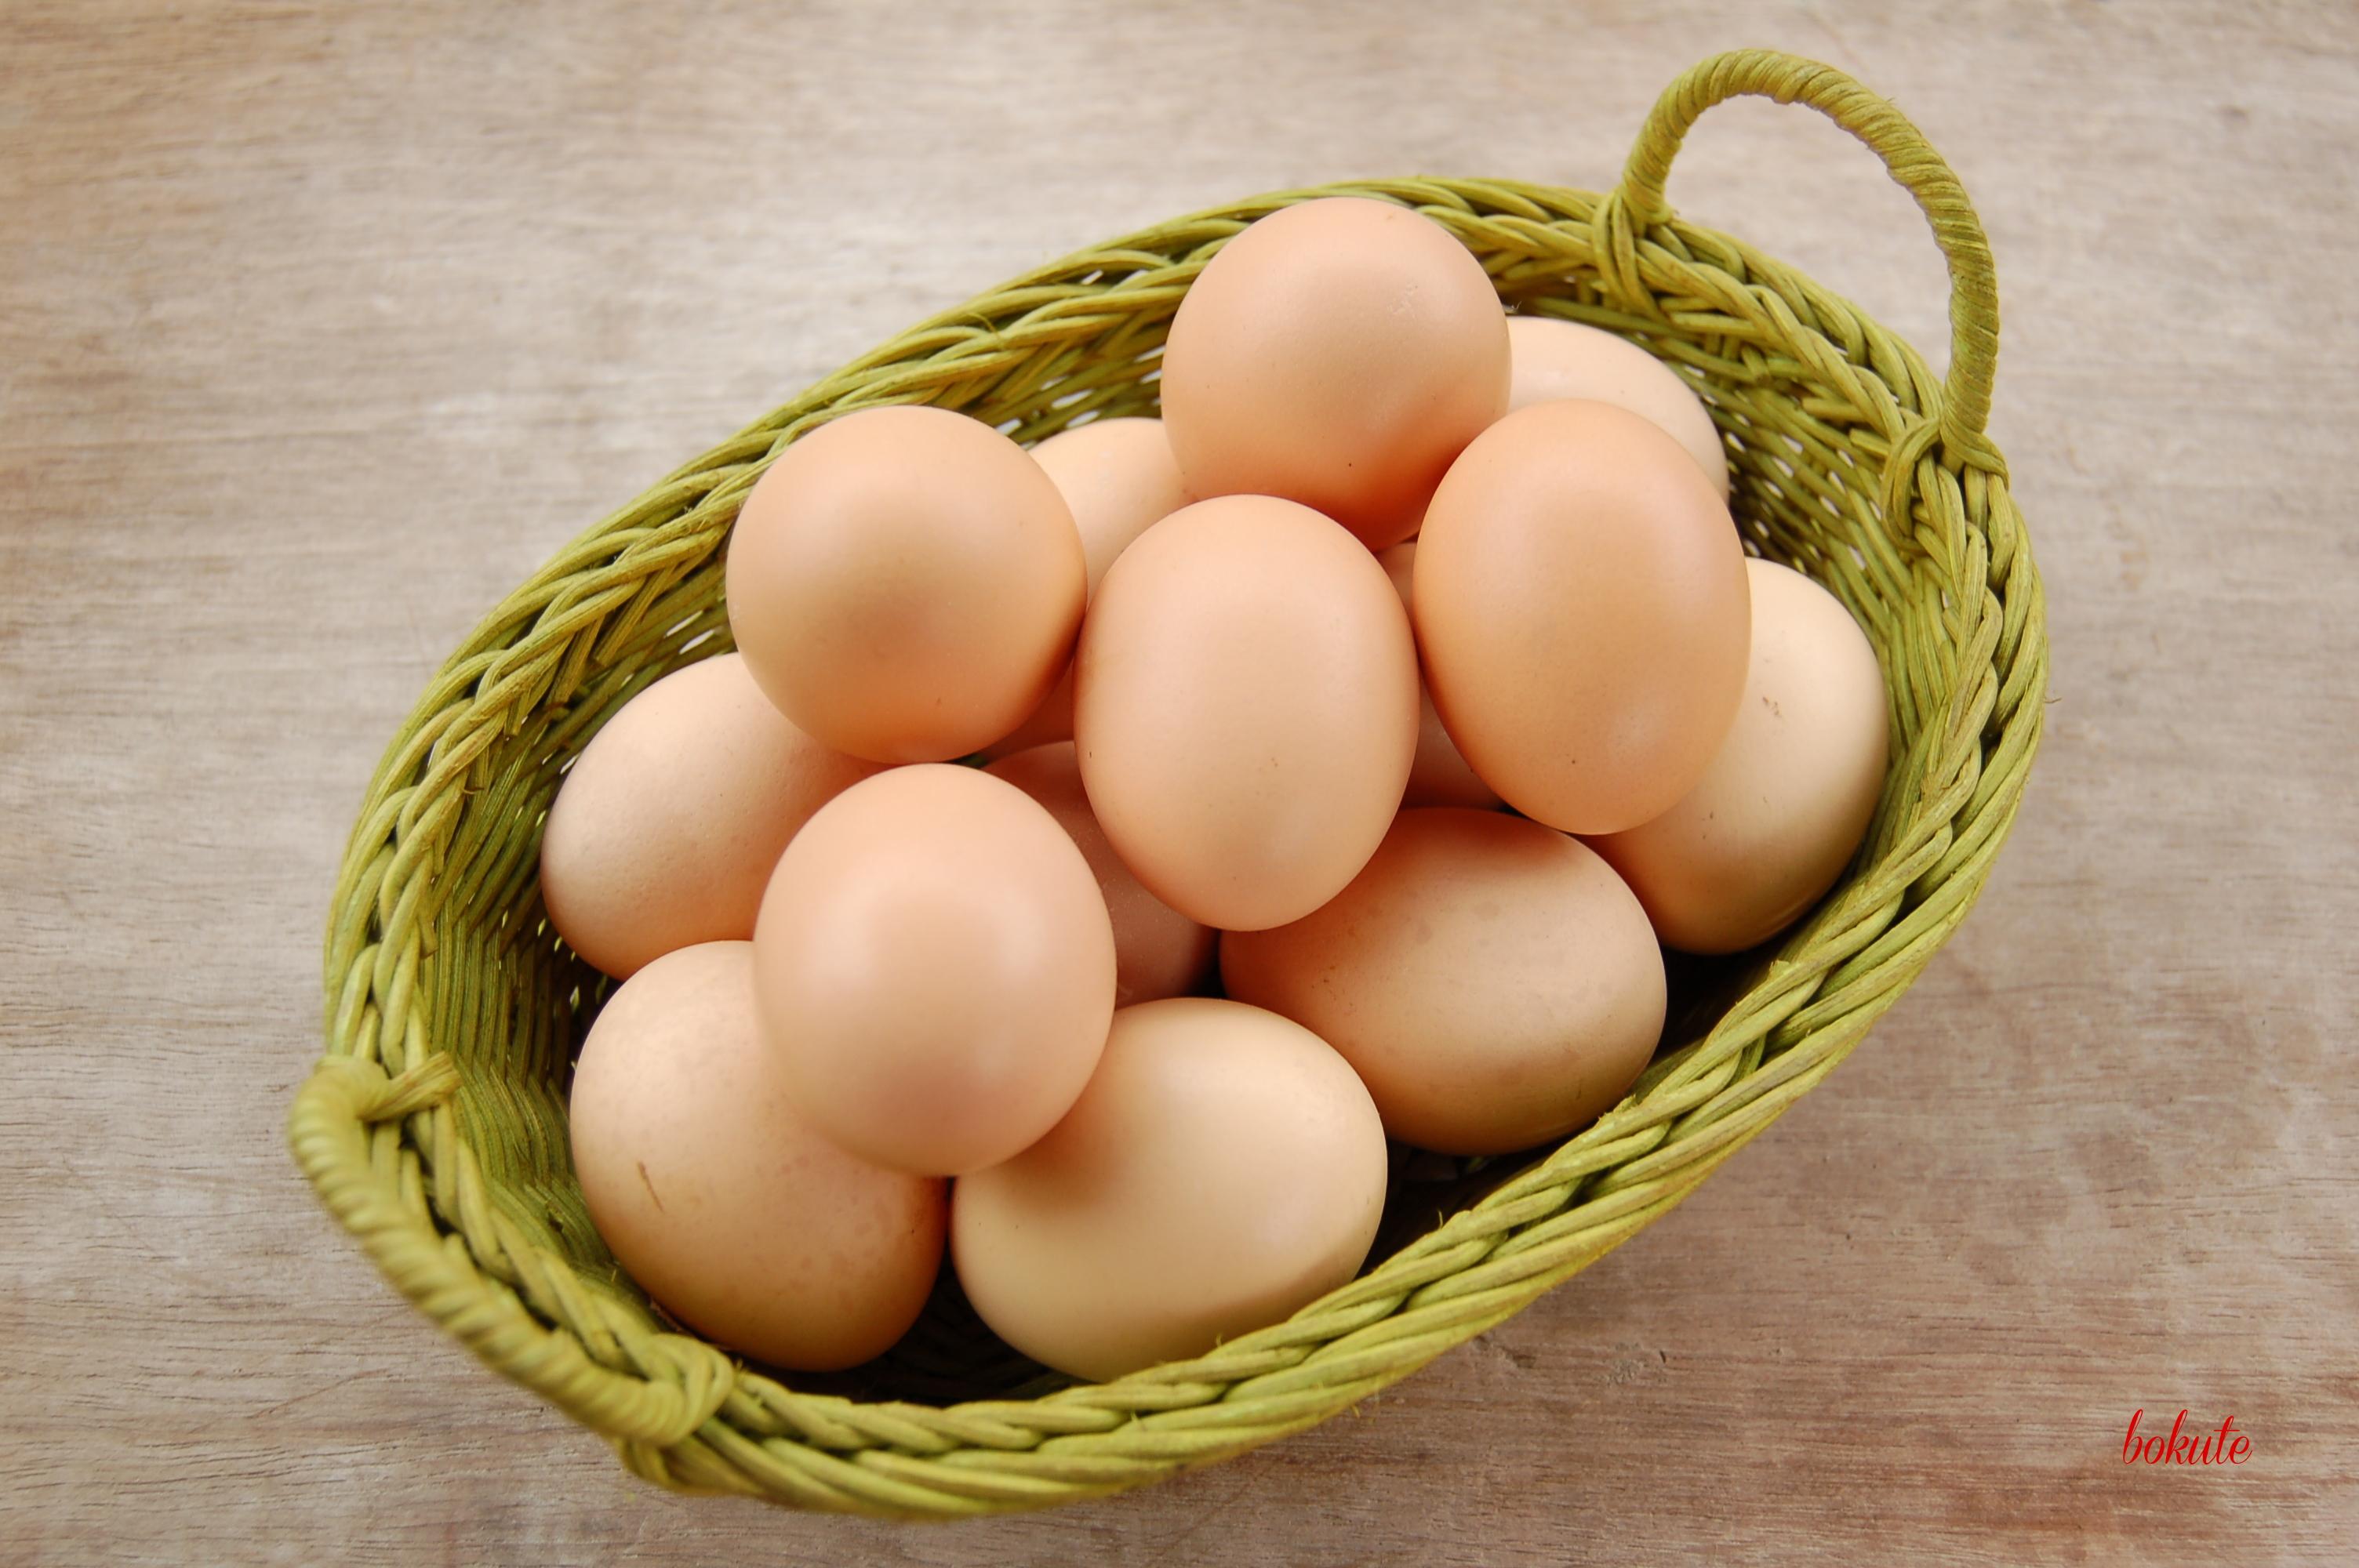 Trị mụn trứng cá bằng 5 nguyên liệu tự nhiên 3